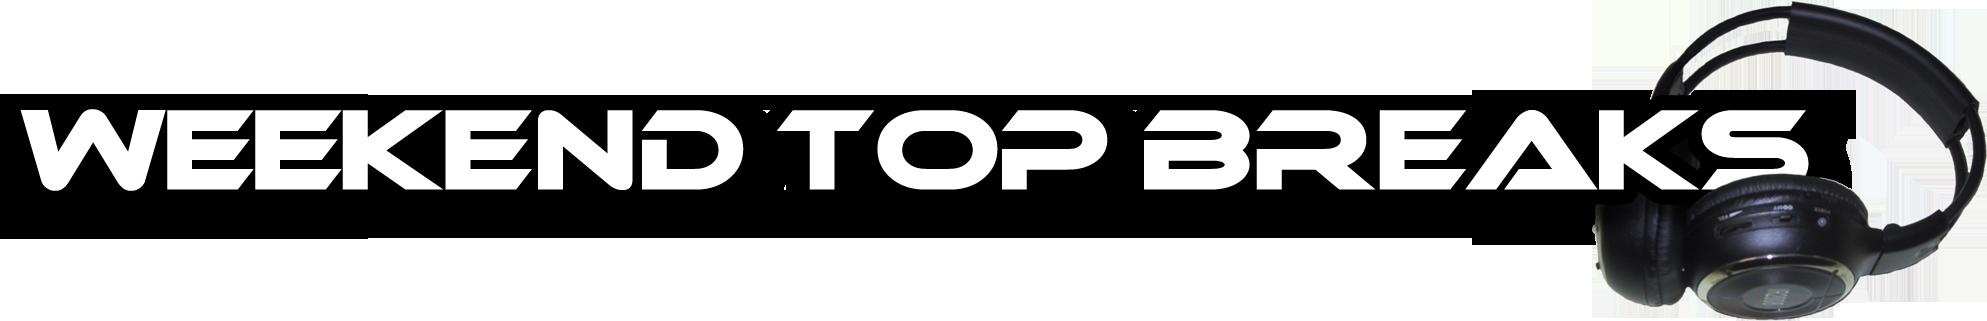 Weekend TOP Breaks (03/08/2012 - 05/08/2012)